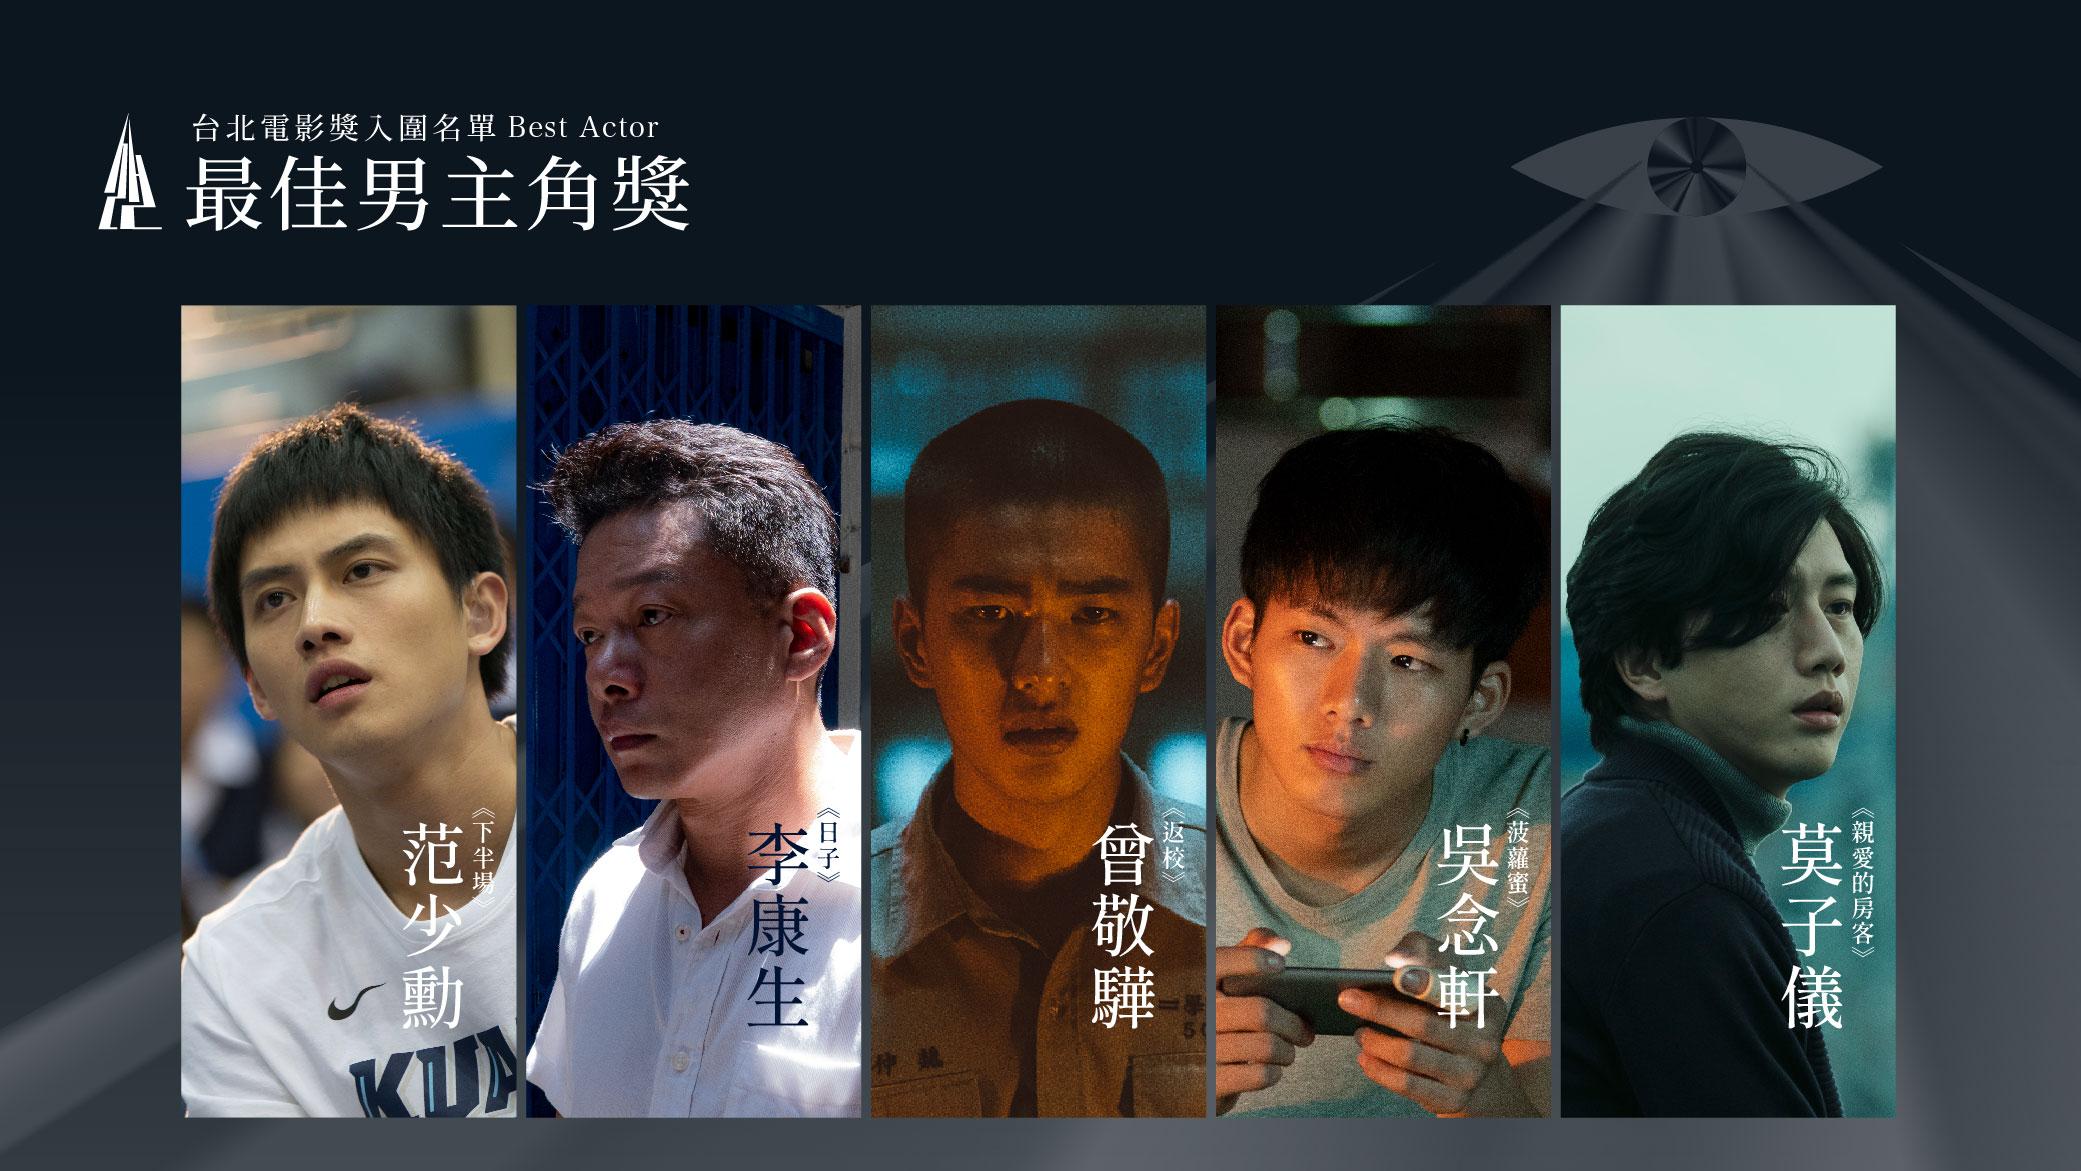 台北電影獎入圍名單-最佳男主角獎